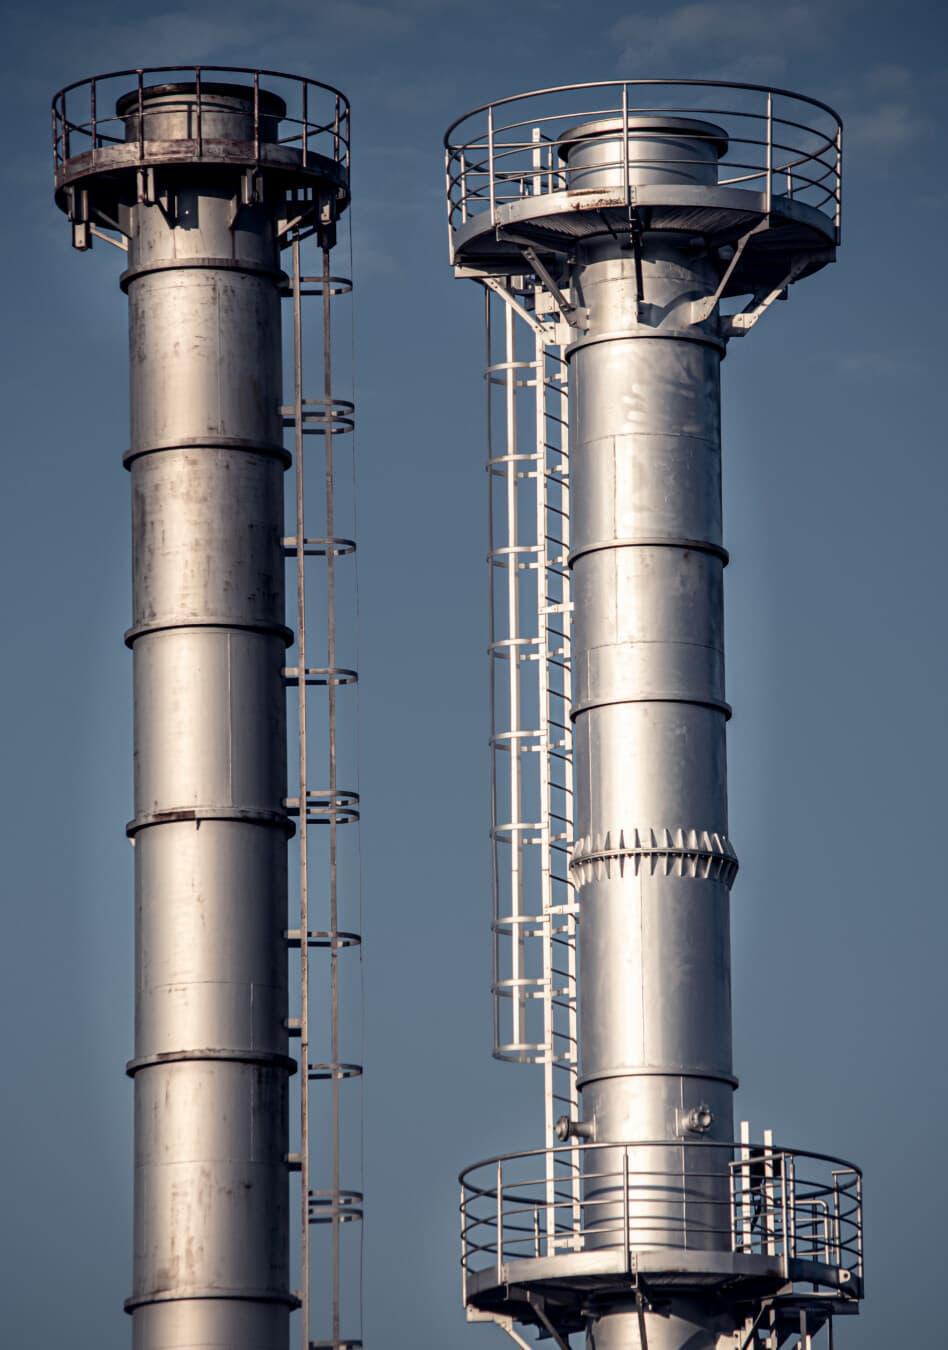 raffinerie, produit chimique, industriel, tour, installation, cheminée, pollution, Factory, secteur d'activité, en acier